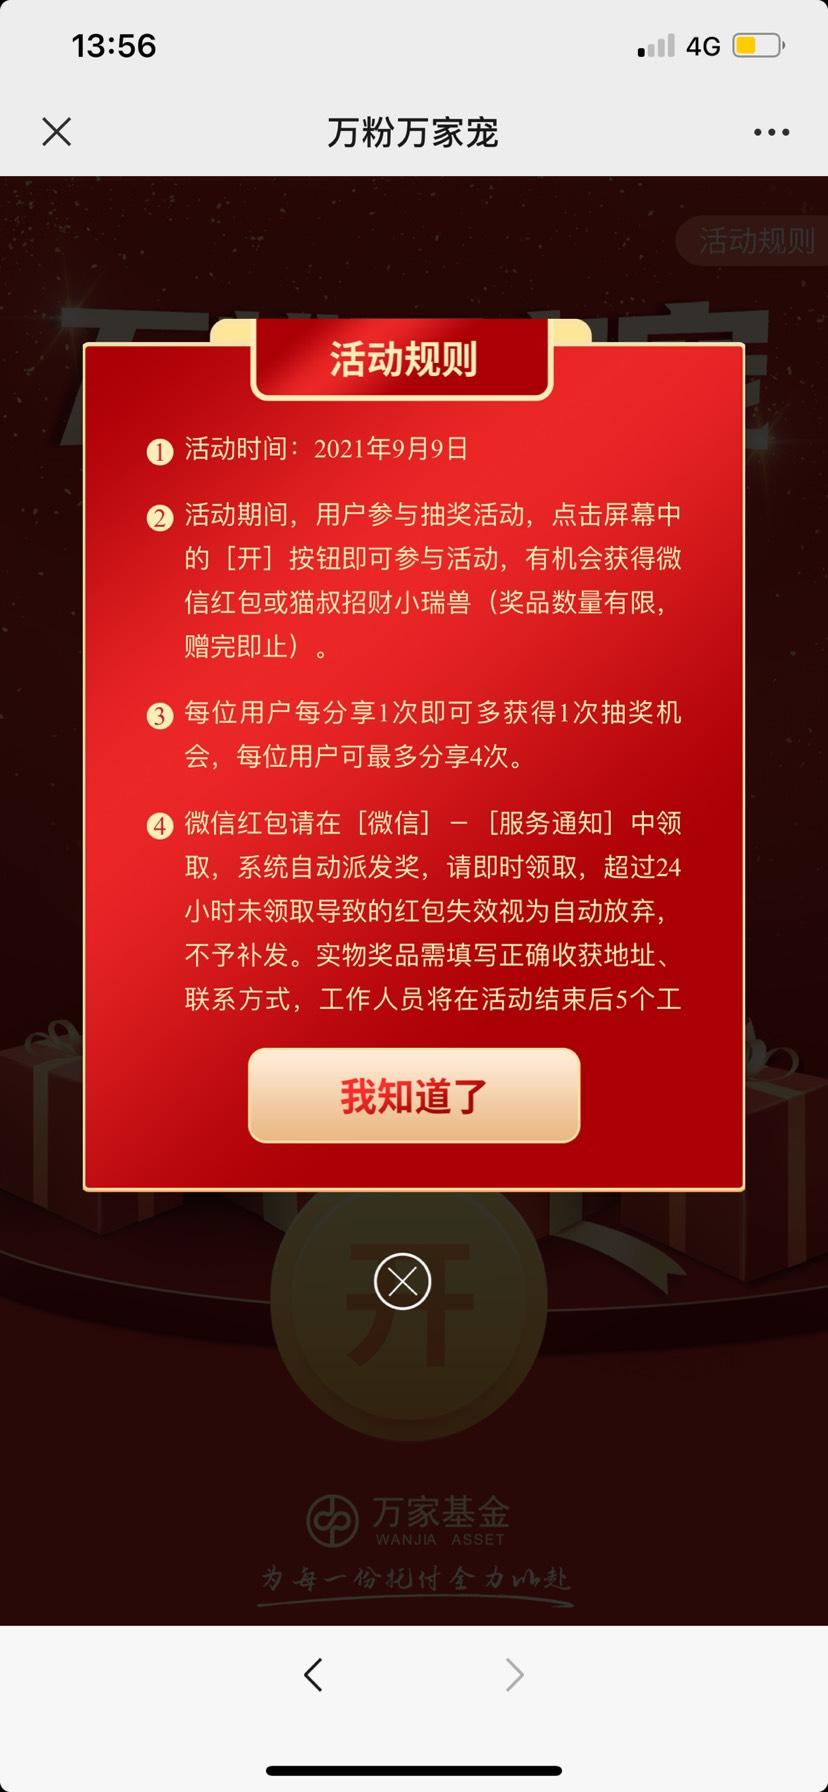 【现金红包】万家基金微资产管理抽红包插图2